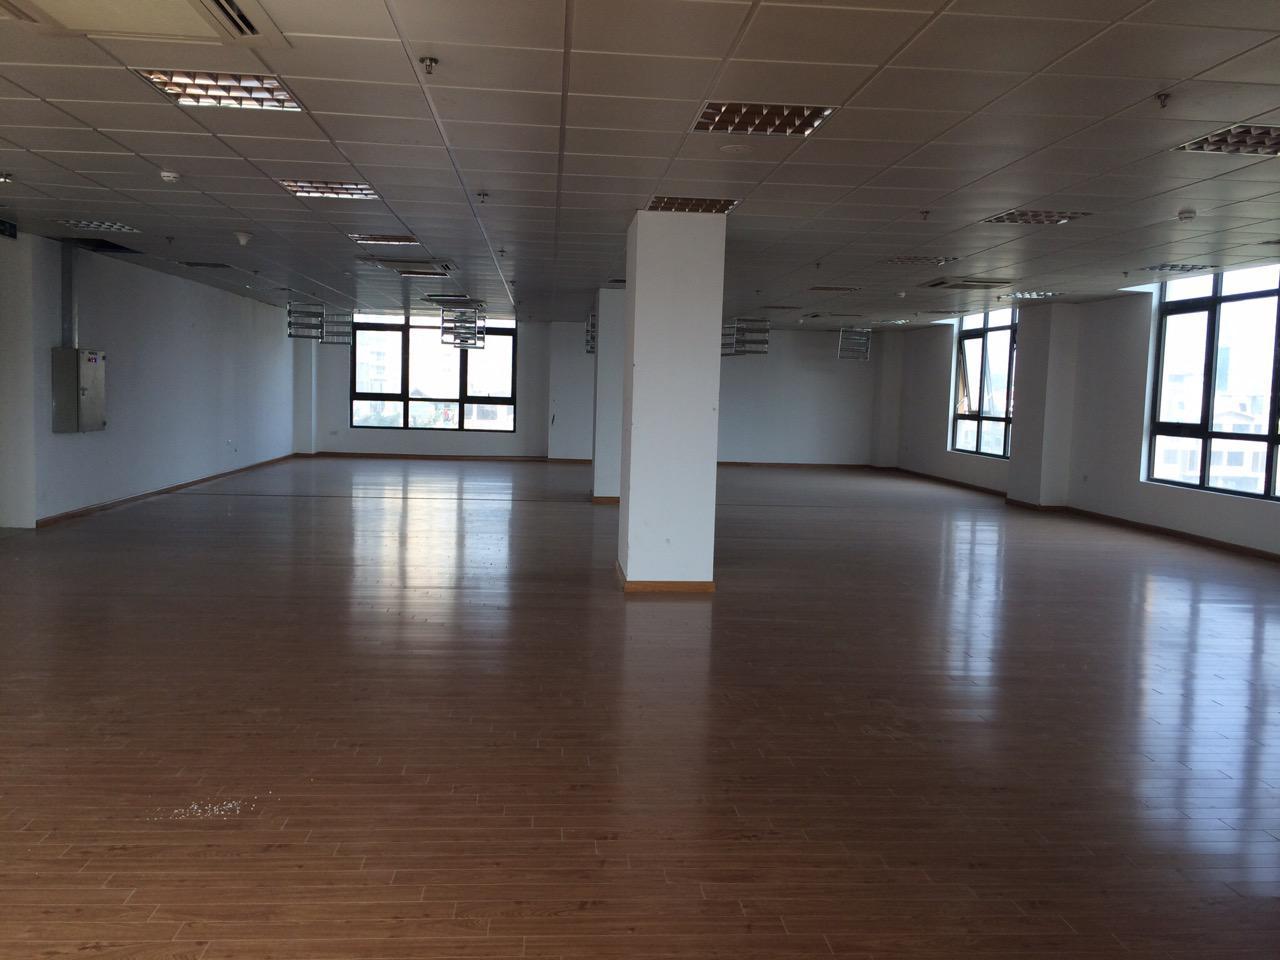 Cho thuê sàn vp 400m2, Tràng An Complex, 11$/m2/tháng